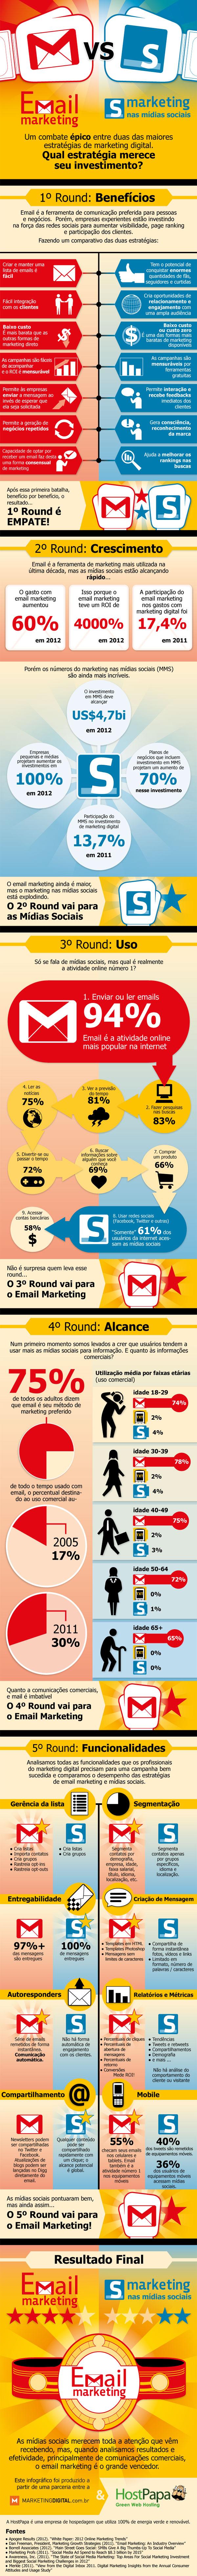 emailmarketing-vs-socialmidia_infografico.jpg